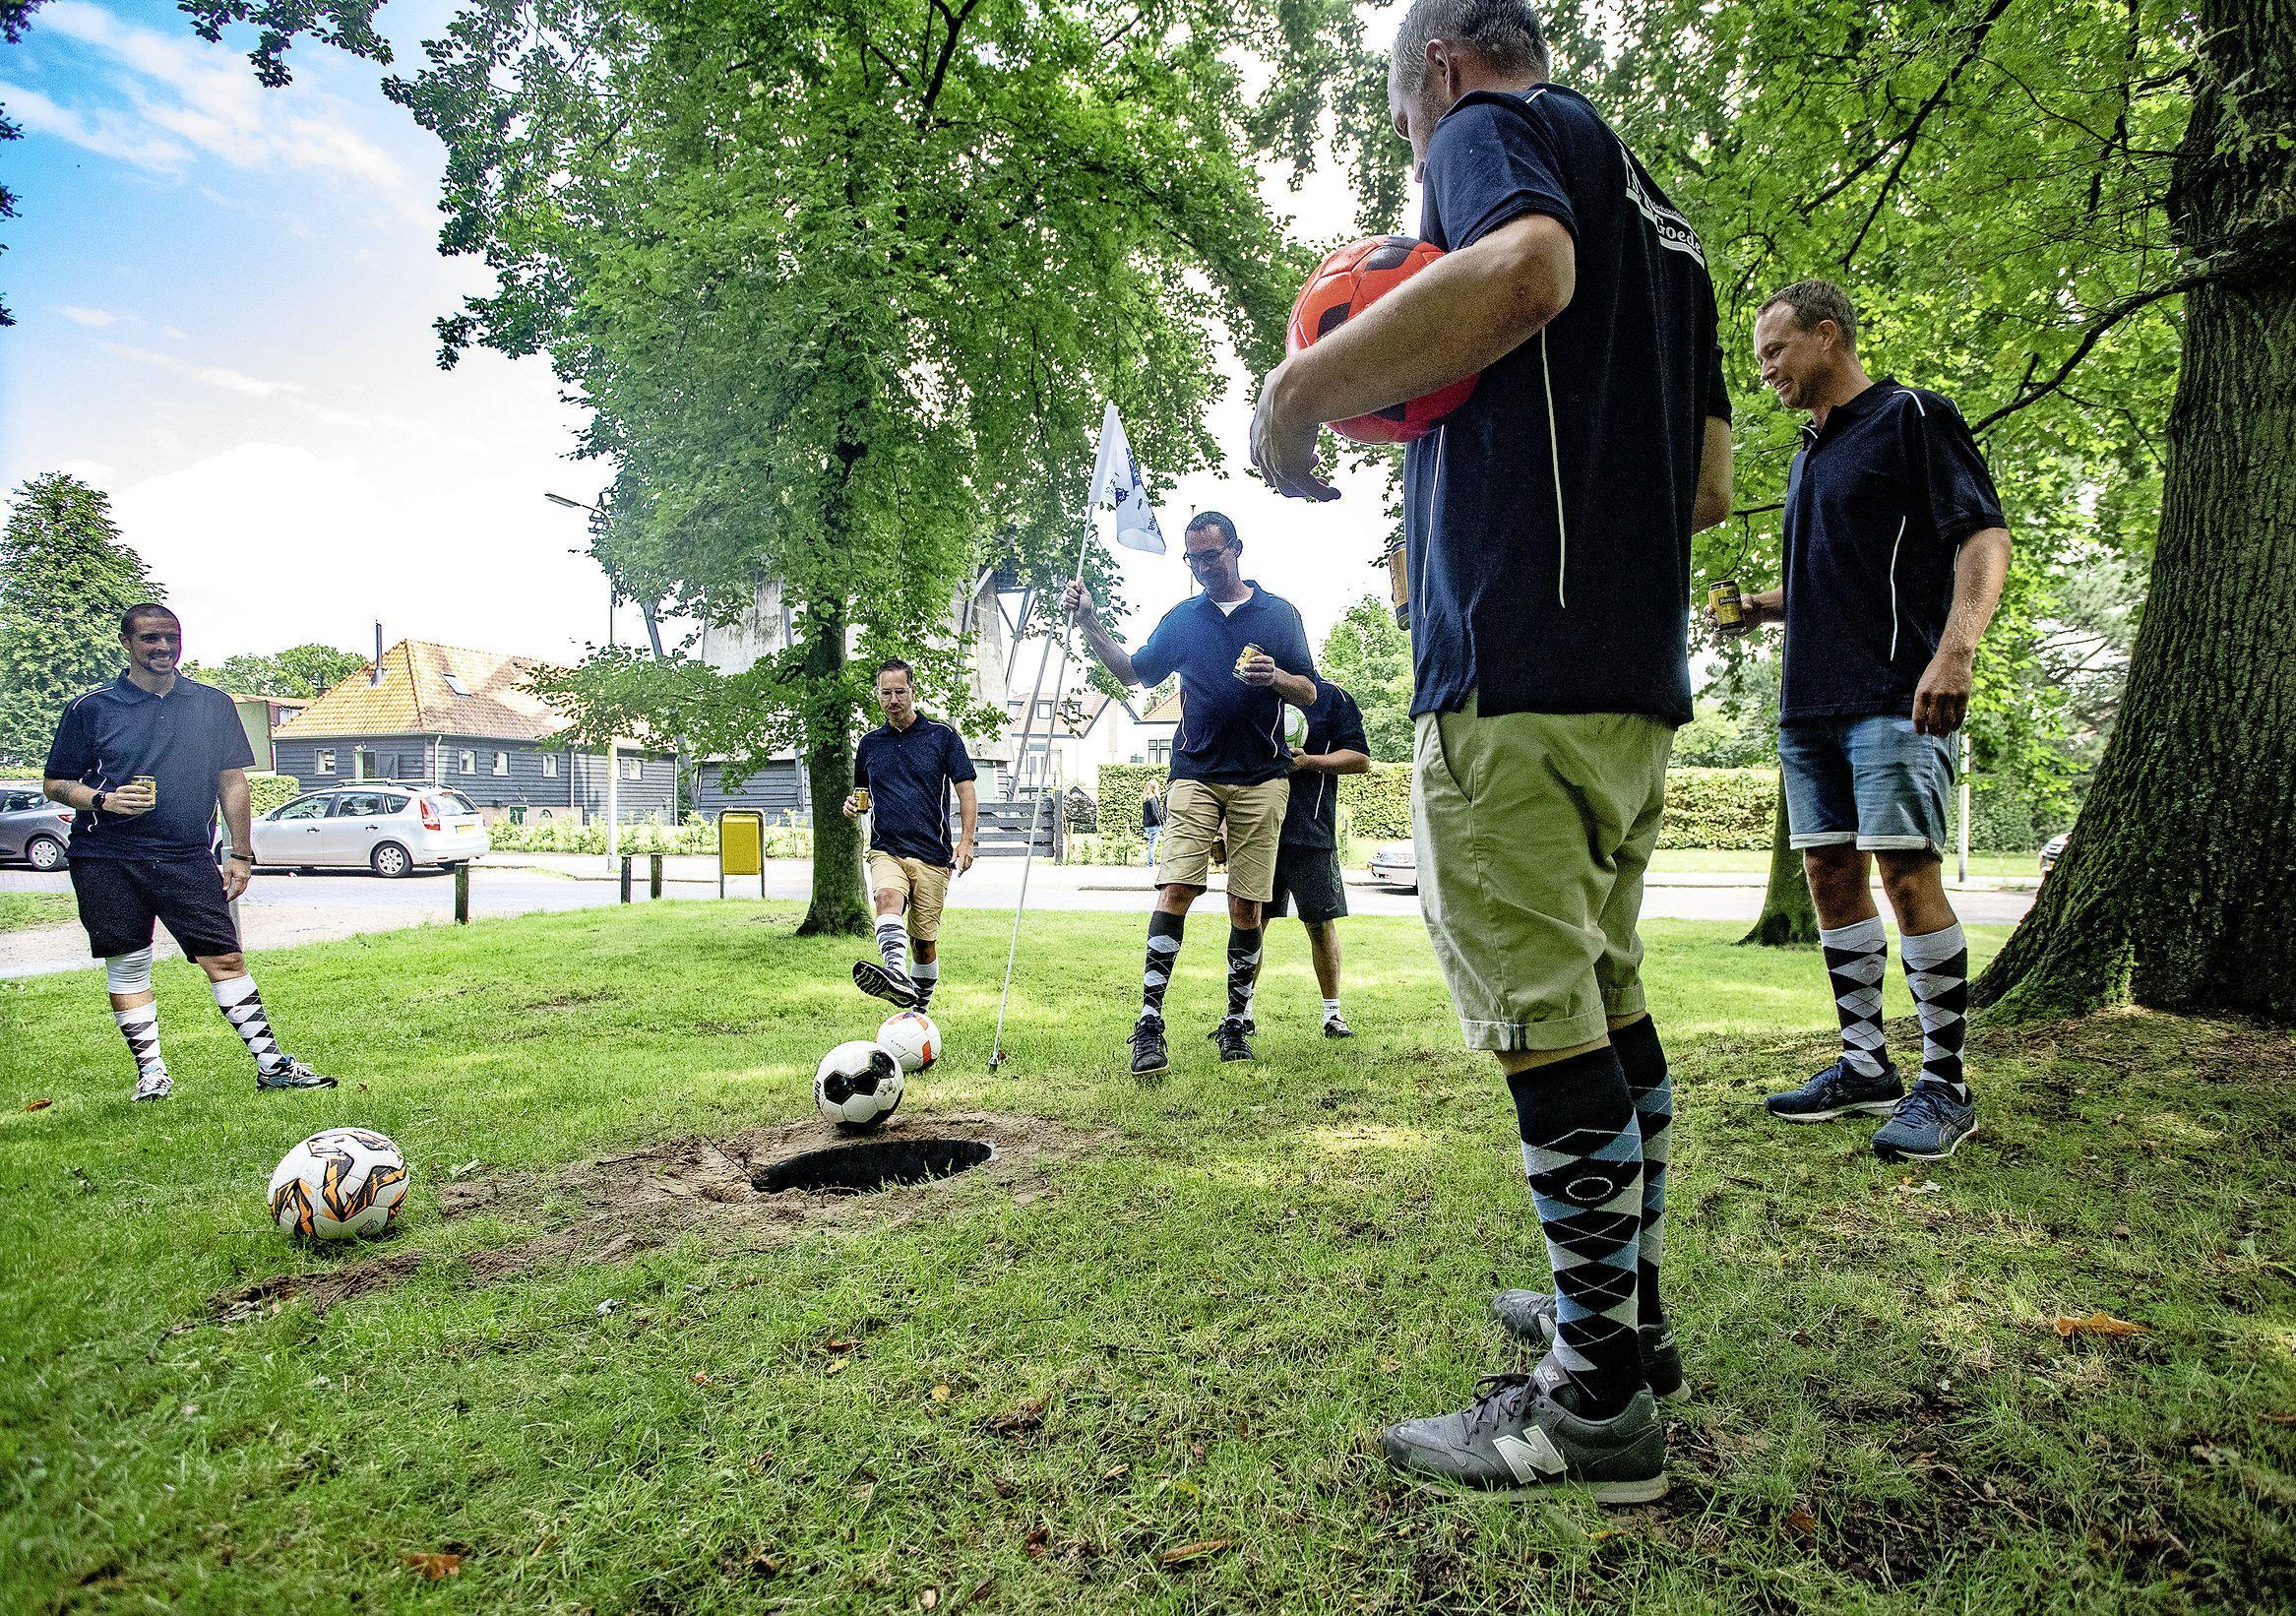 Footgolf is zo'n beetje de enige activiteit dit Dorpsfeest Santpoort. Maar met volop lol, van ballenpomp naar bierpomp